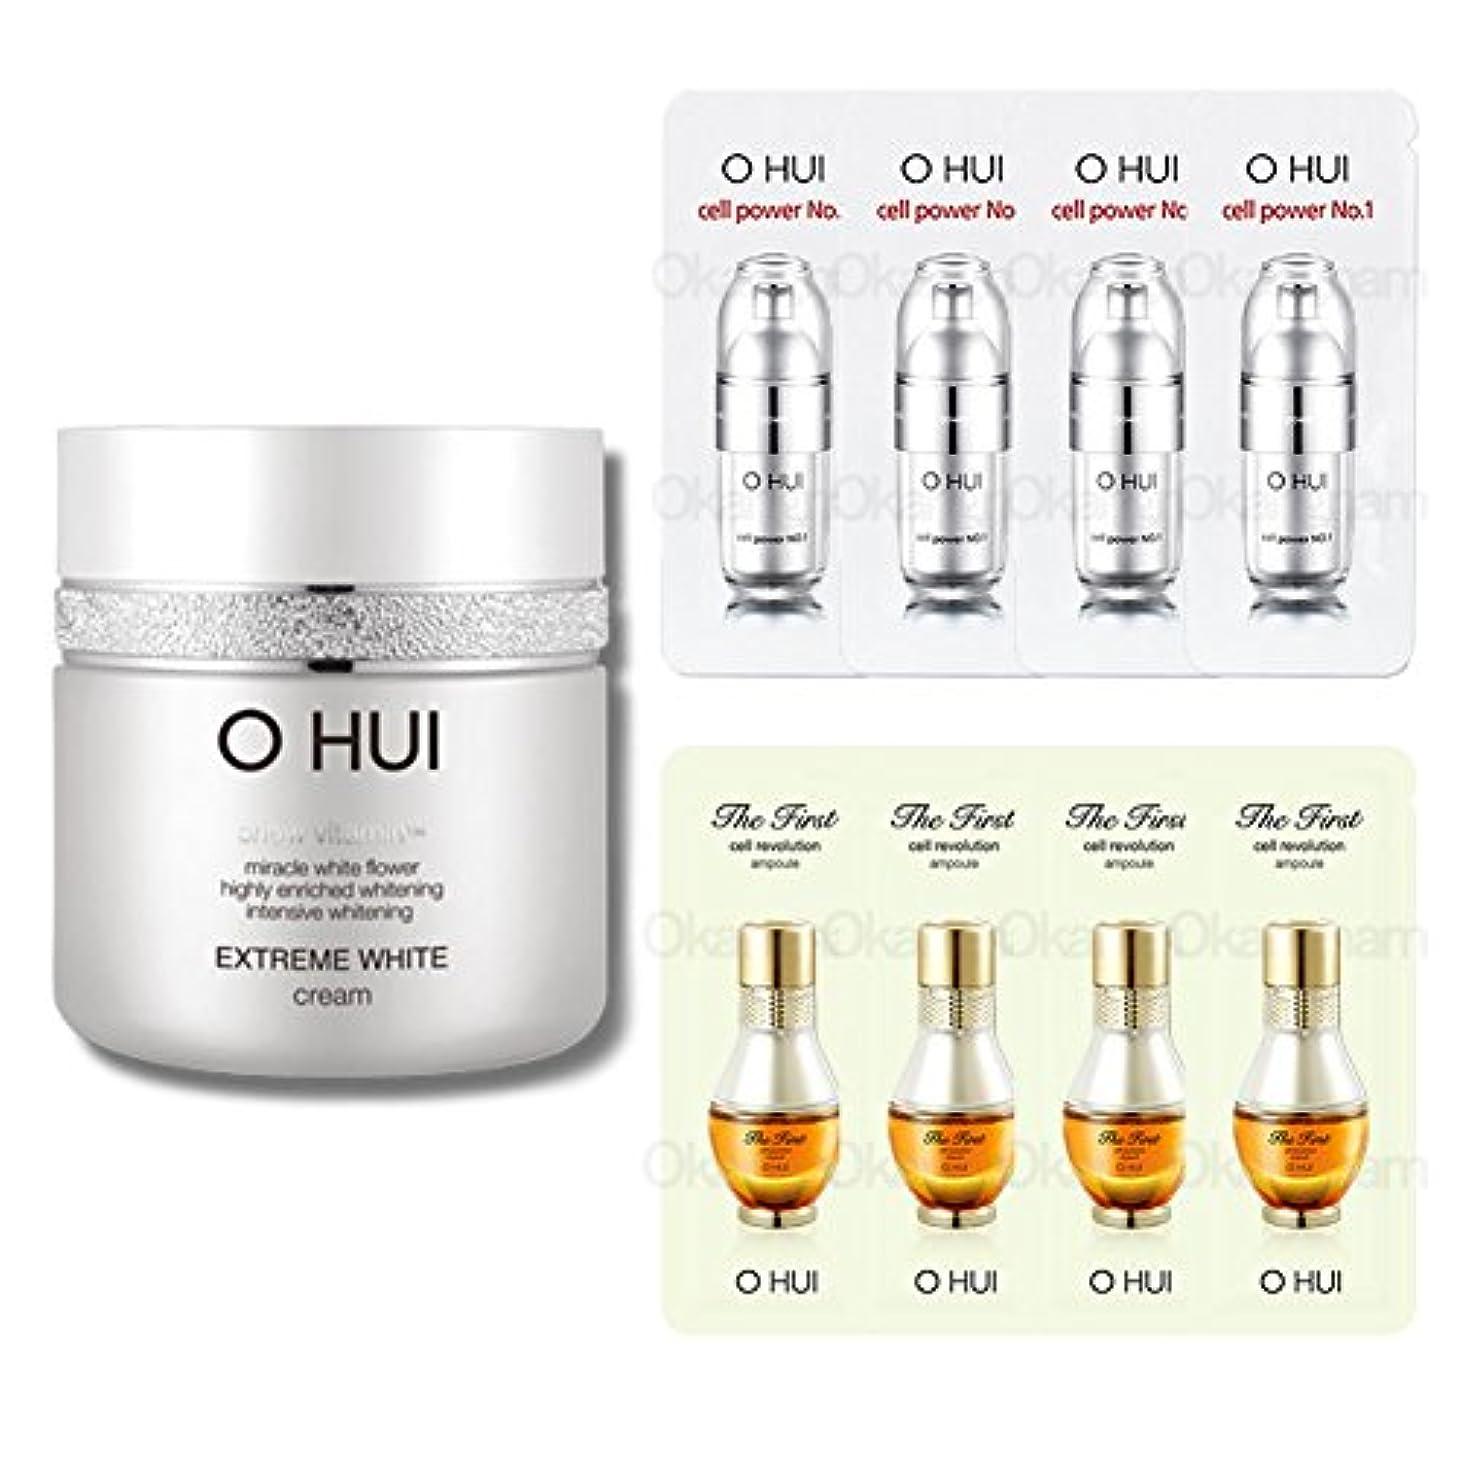 研磨アスリートシンジケート[オフィ/ O HUI]韓国化粧品 LG生活健康/ OHUI OEW04 EXTREME WHITE CREAM/オフィ エクストリーム ホワイトクリーム 50ml +[Sample Gift](海外直送品)